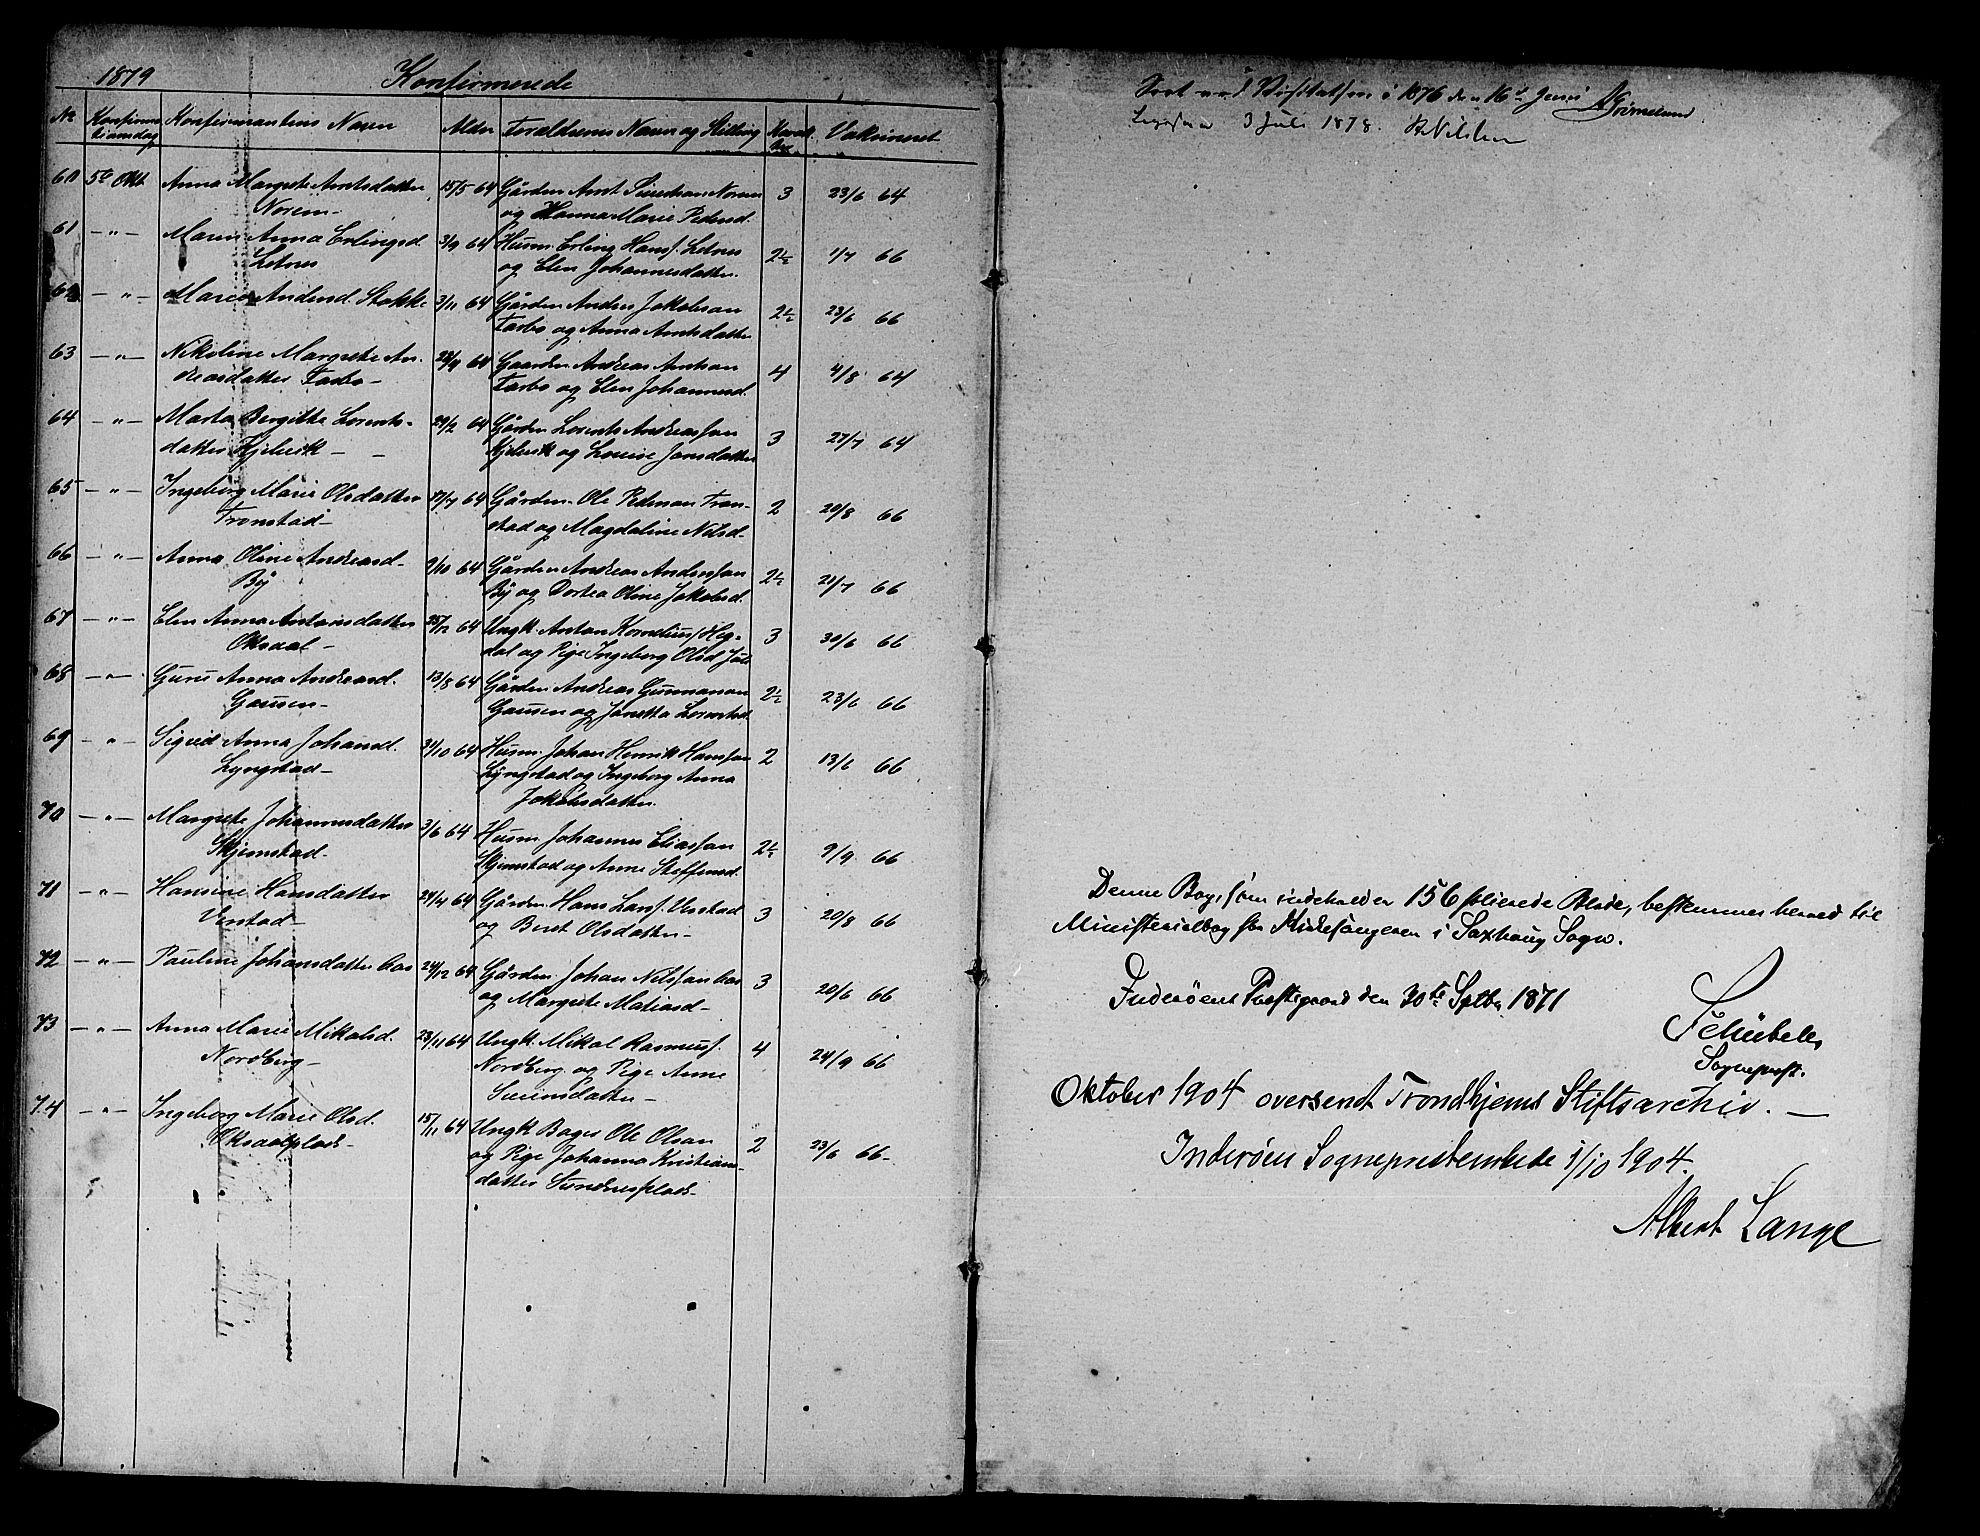 SAT, Ministerialprotokoller, klokkerbøker og fødselsregistre - Nord-Trøndelag, 730/L0300: Parish register (copy) no. 730C03, 1872-1879, p. 157